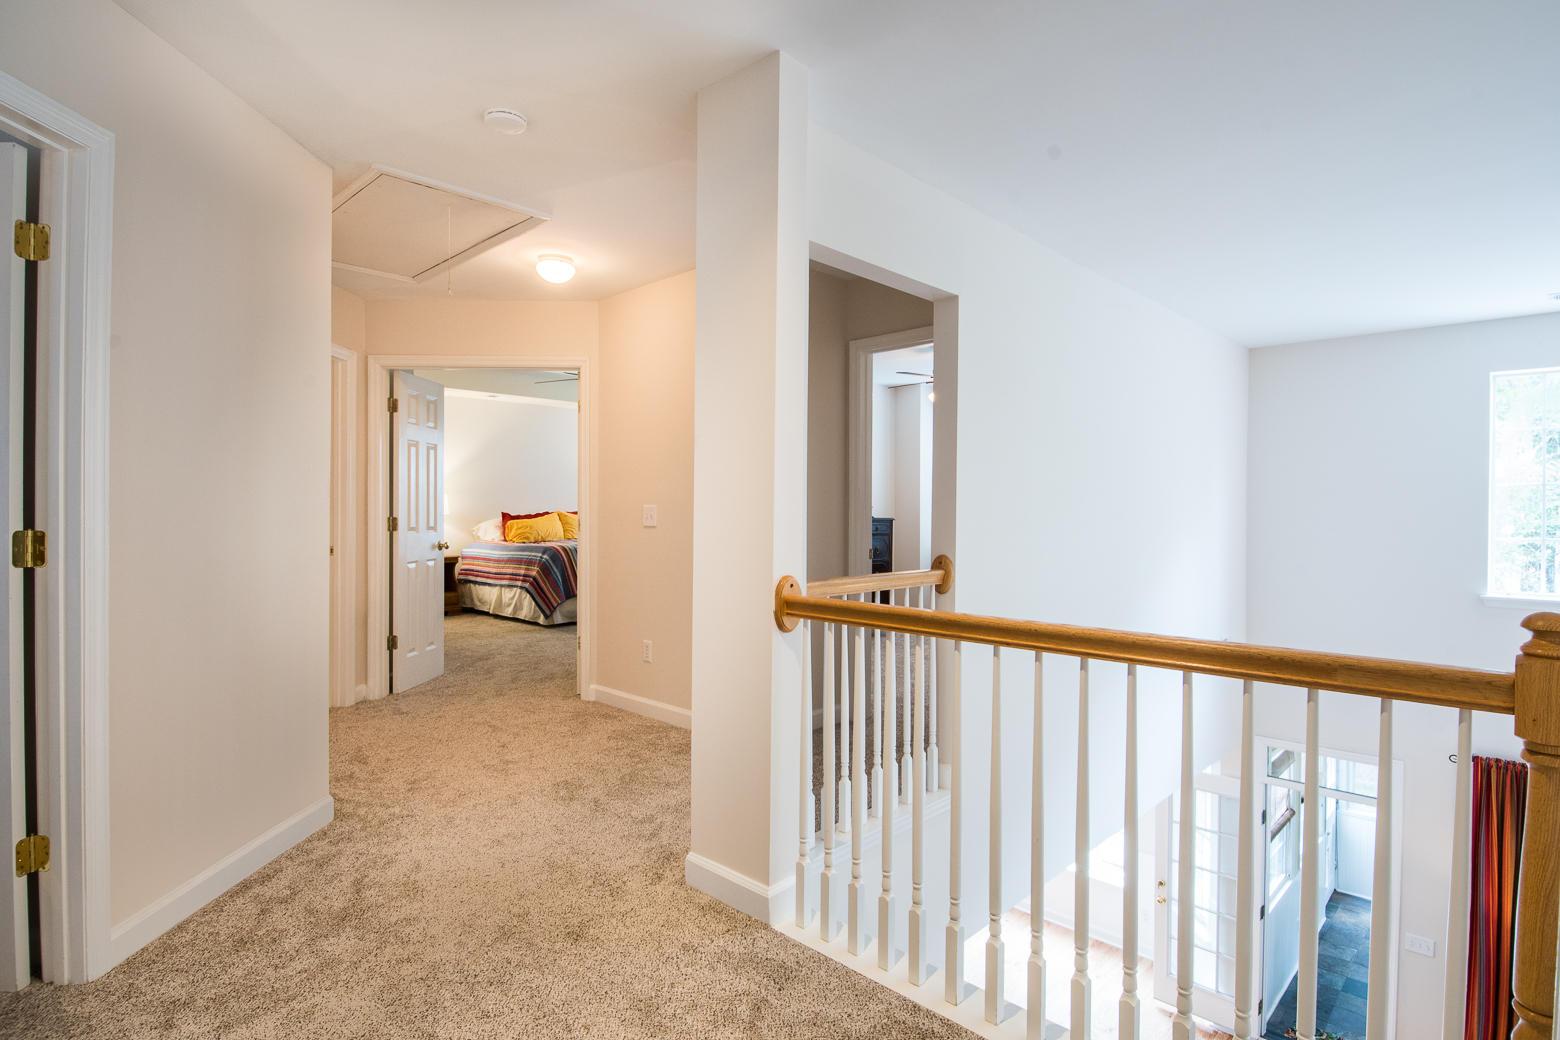 Dunes West Homes For Sale - 1111 Black Rush, Mount Pleasant, SC - 32